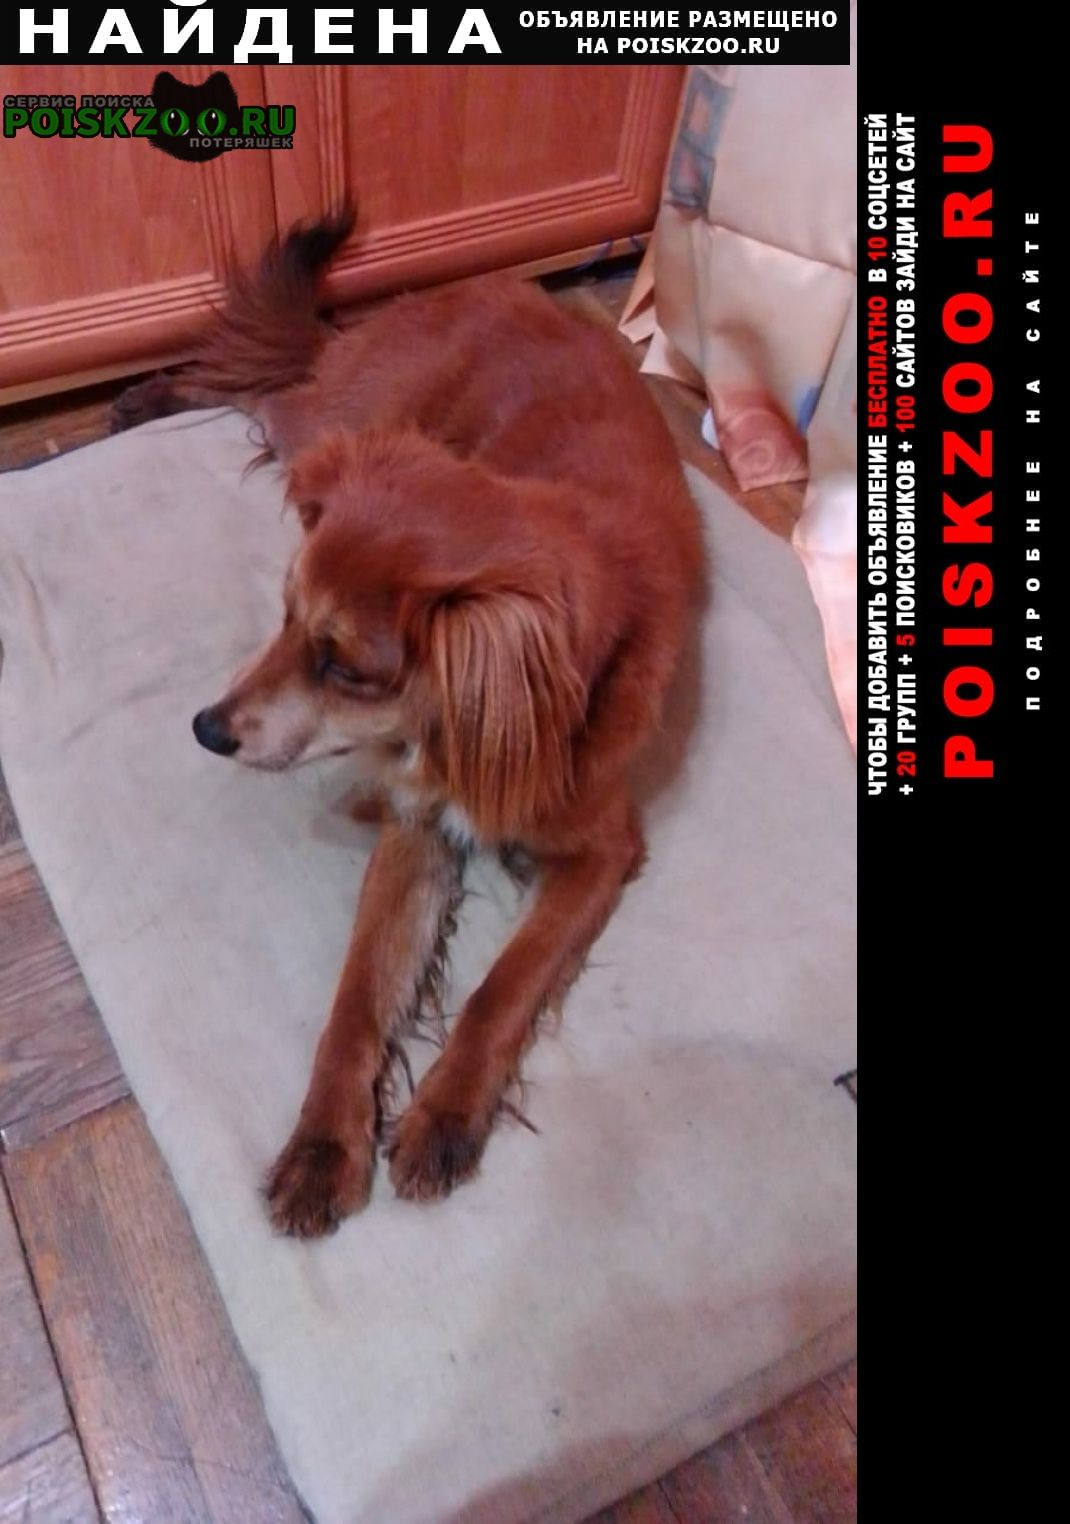 Найдена собака кобель метис спаниеля Павловский Посад